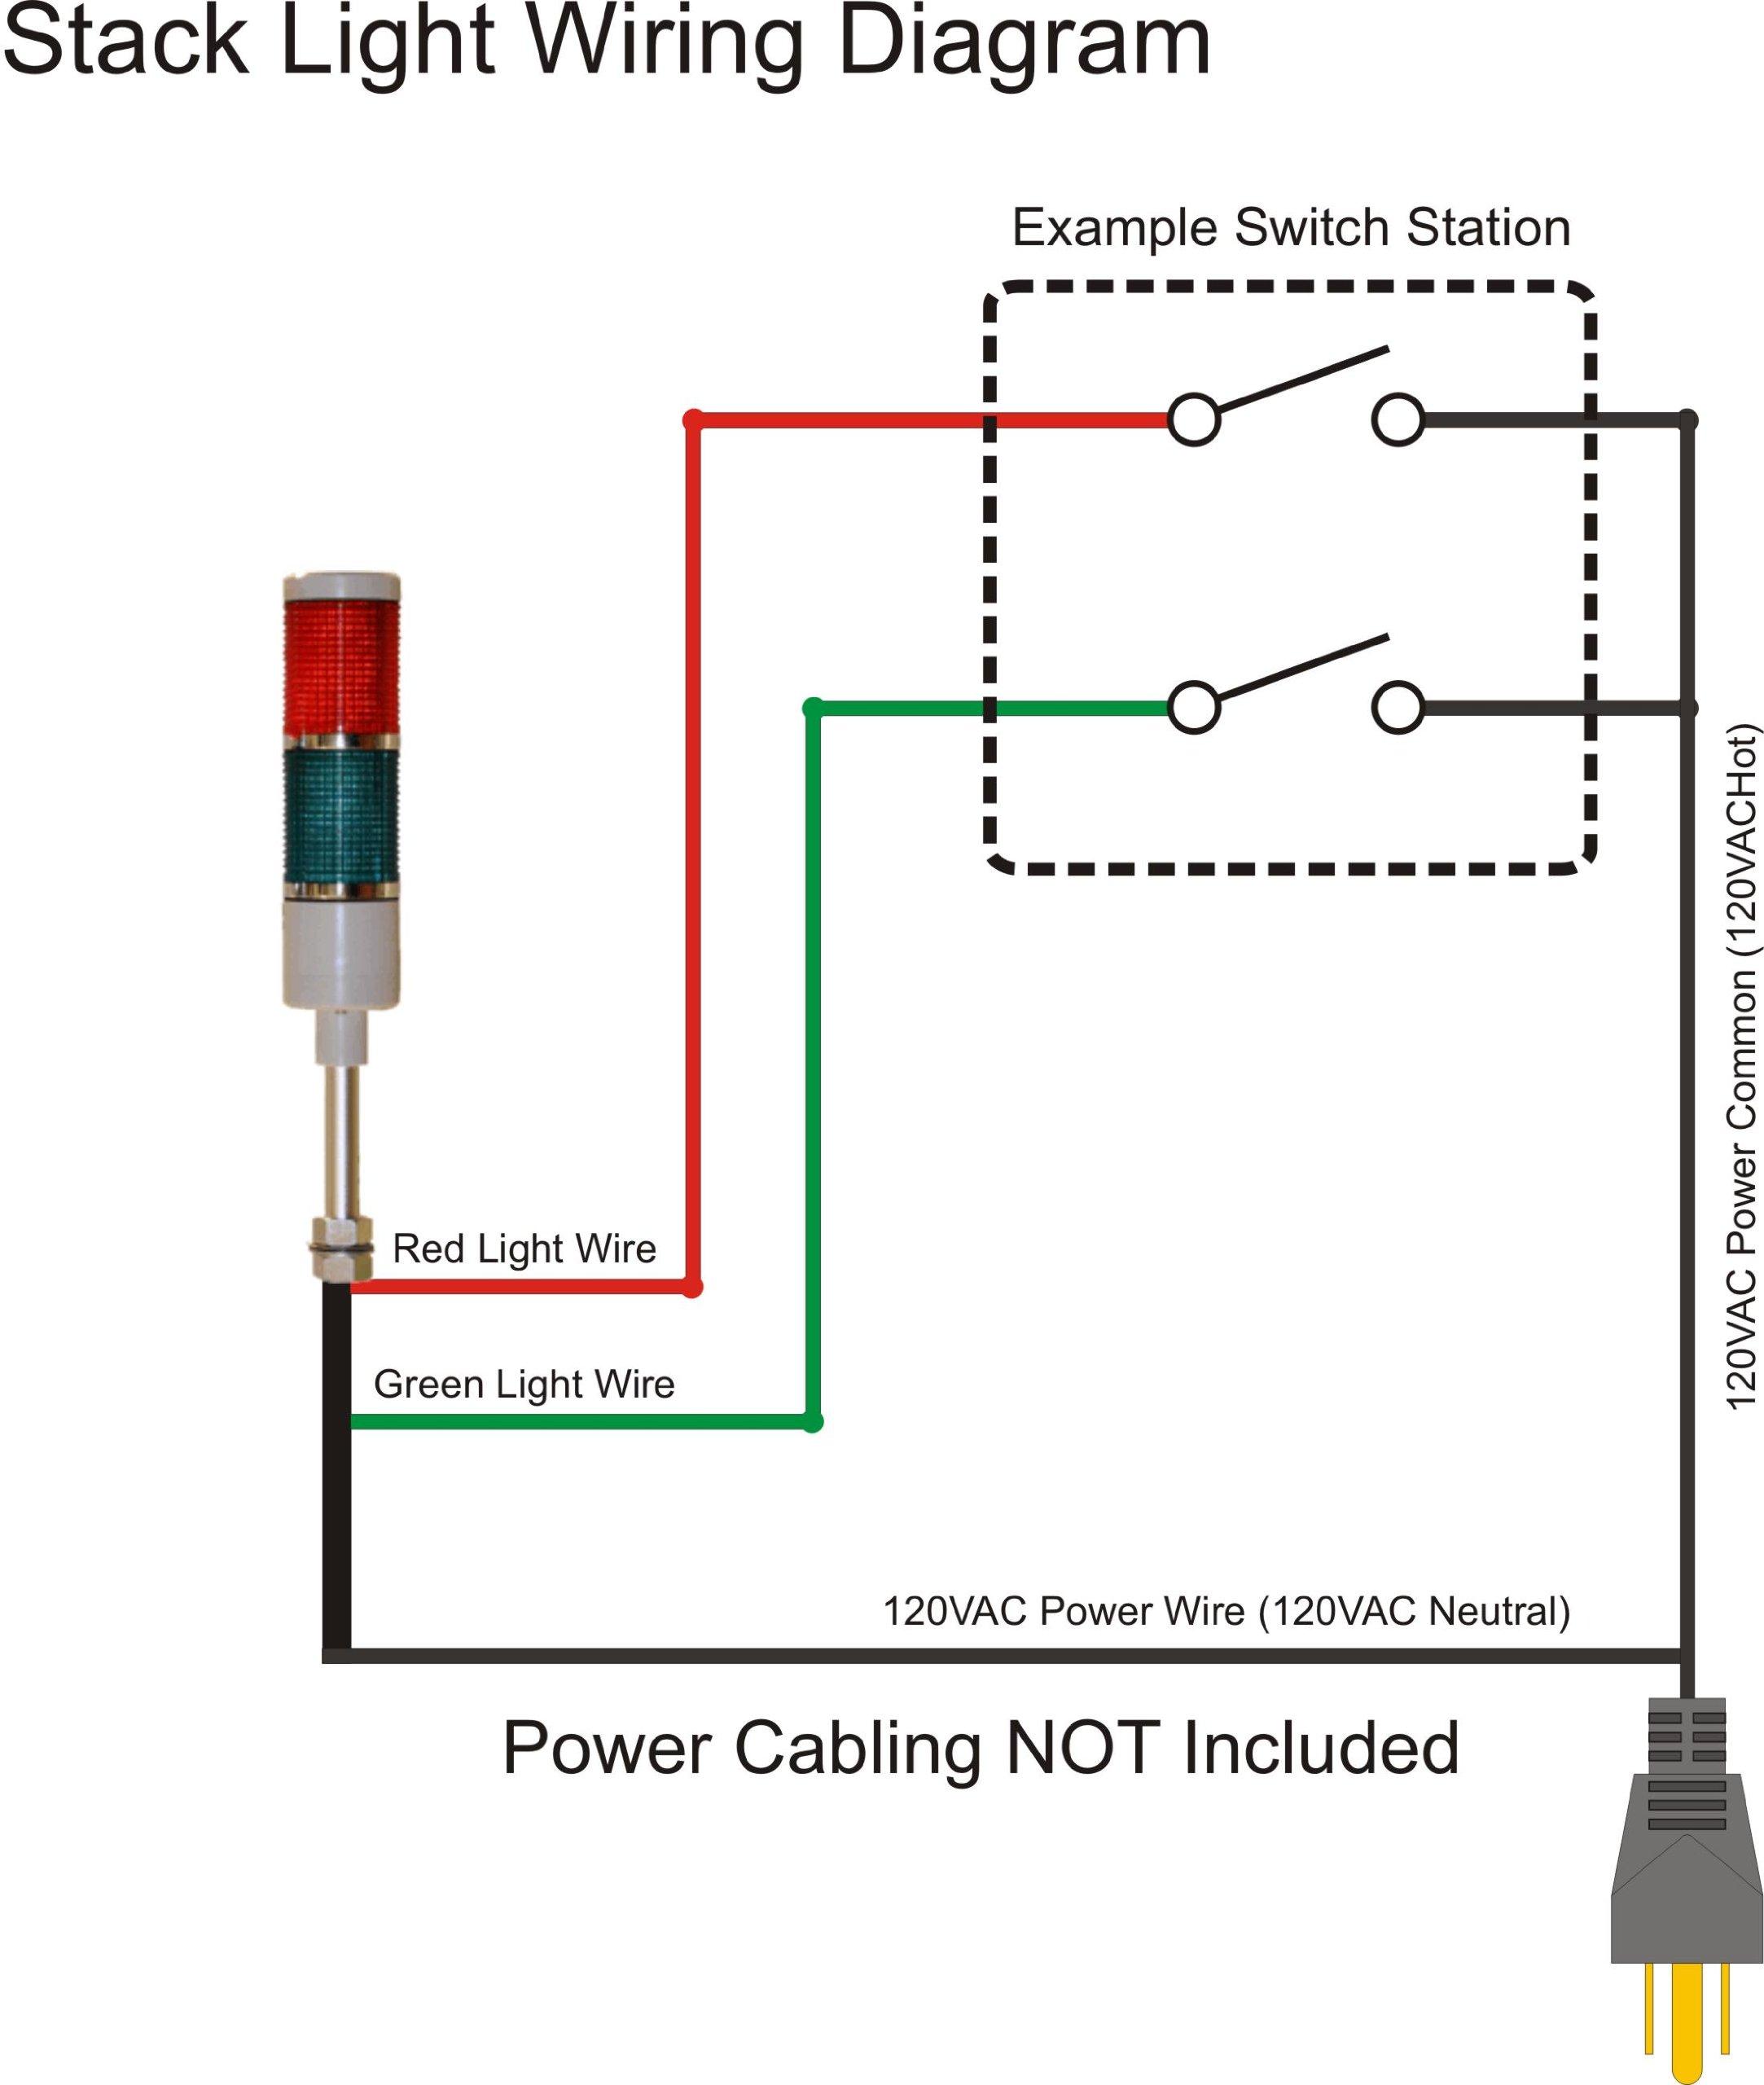 American LED-gible LD-5212-100 LED Tower Light , LED andon light , LED stacklight, 120V, Red/Green, Steady